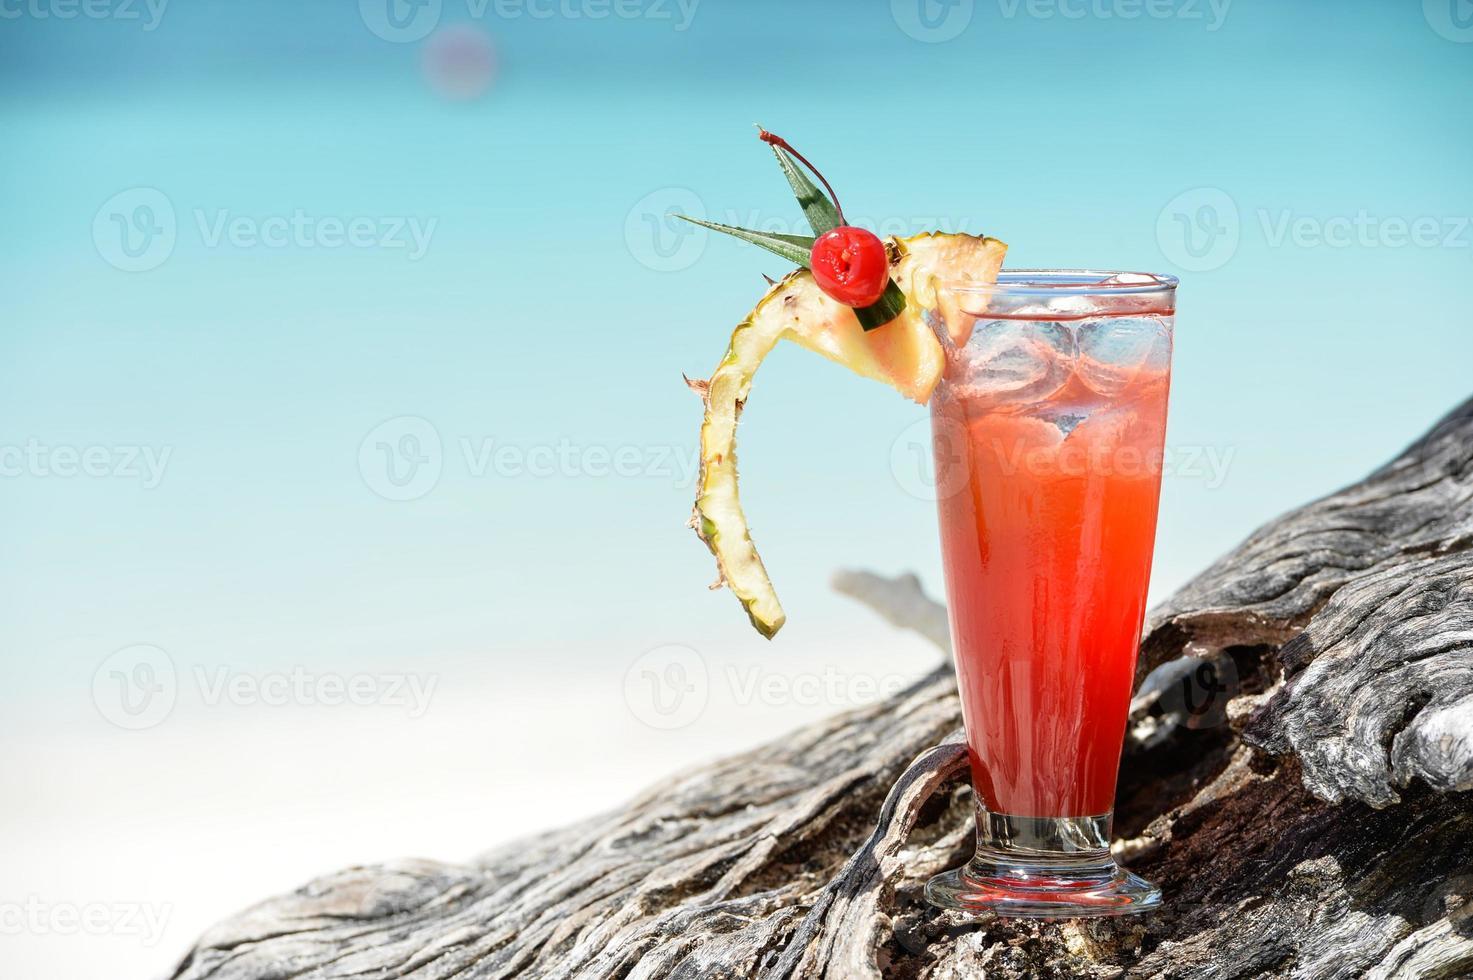 fruchtiges Cocktailgetränk am Strand foto